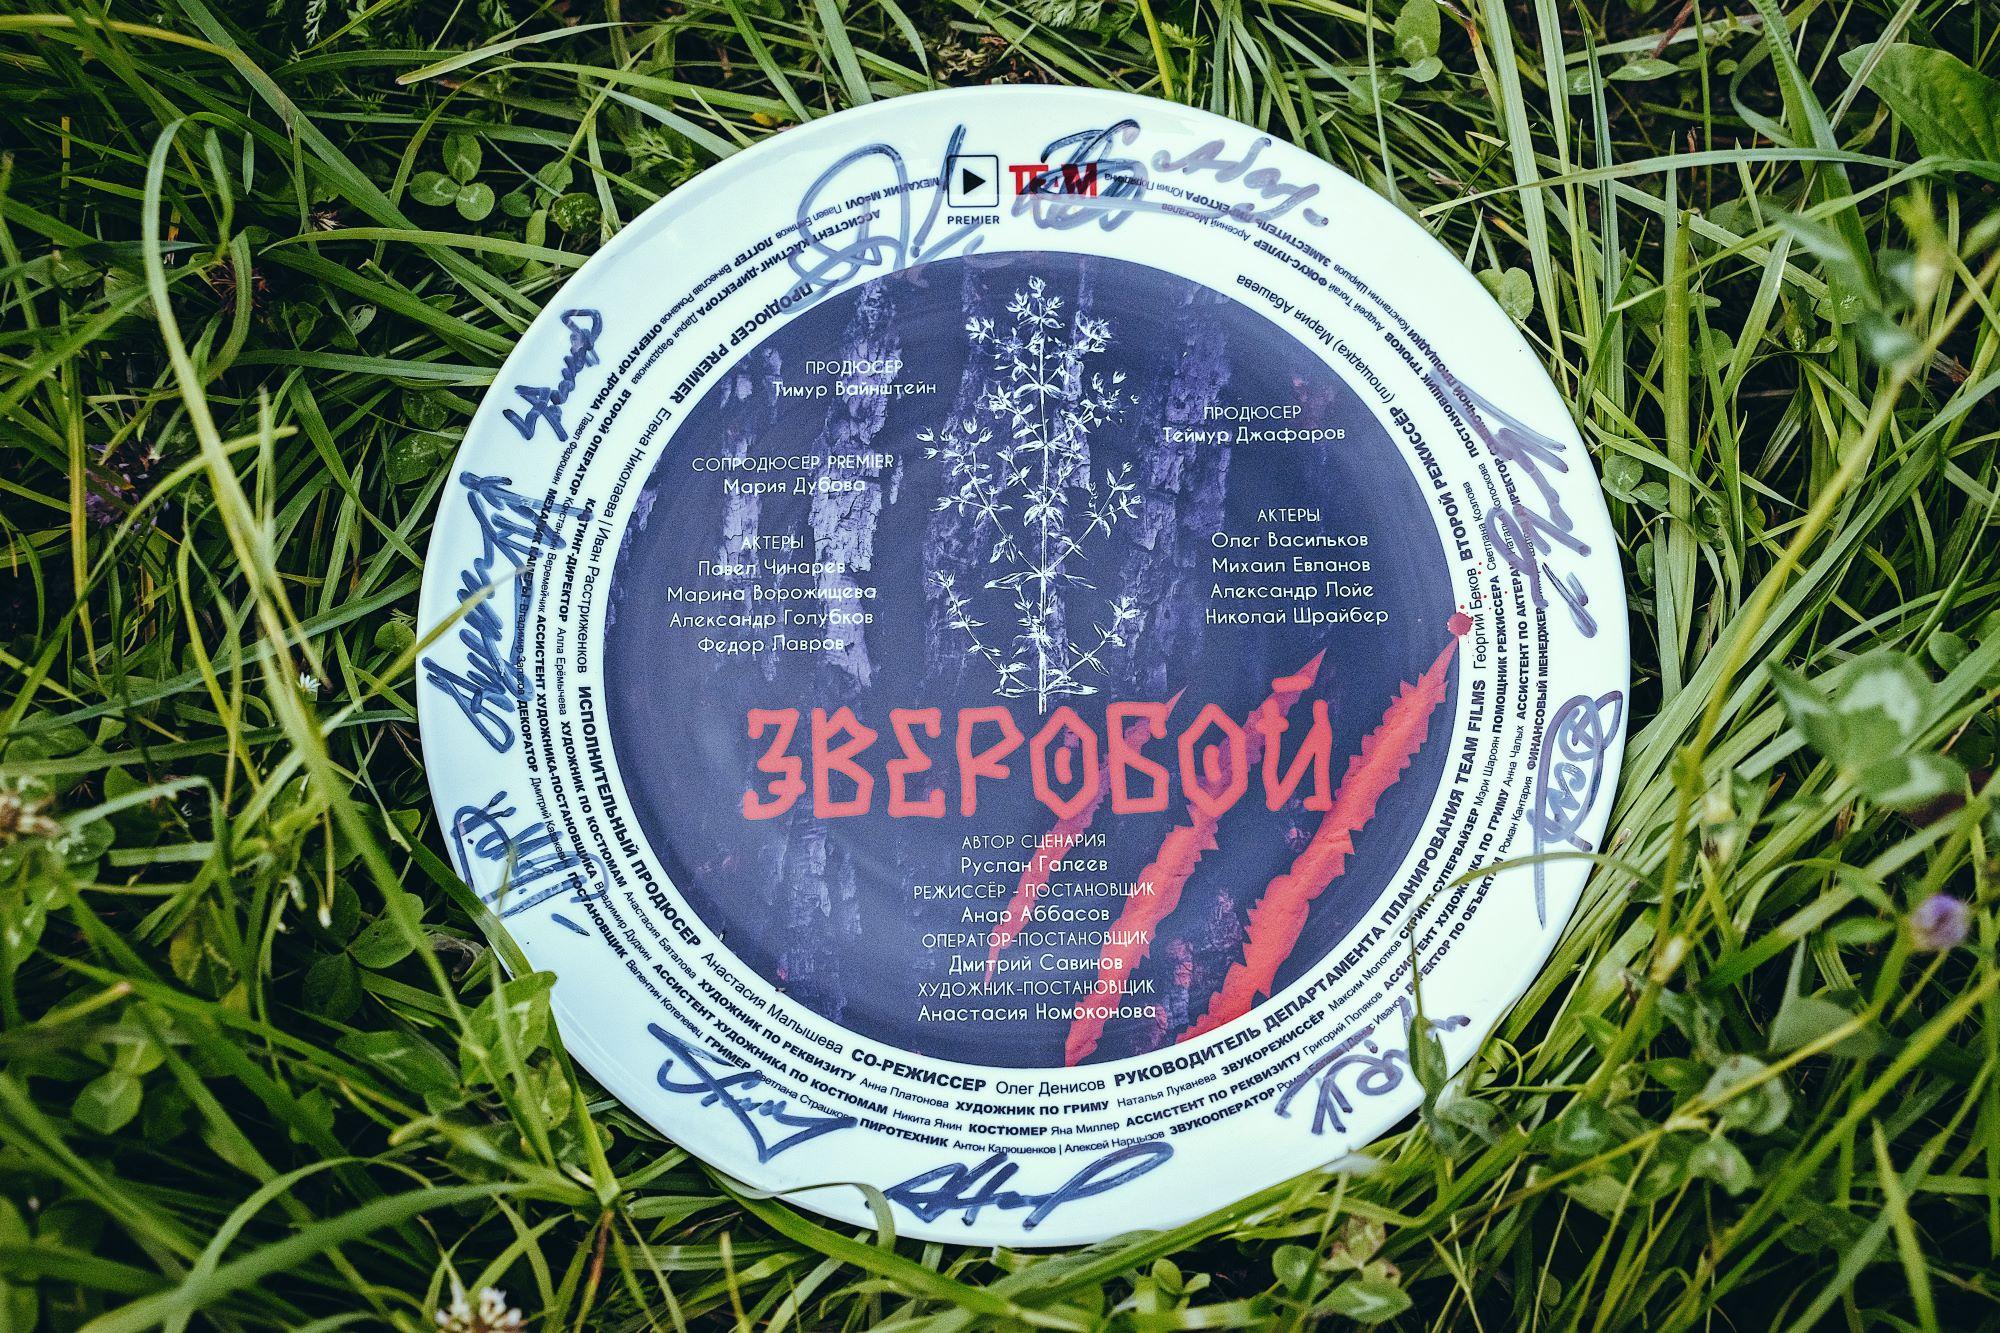 В Тверской области начались съёмки криминальной драмы «Зверобой»